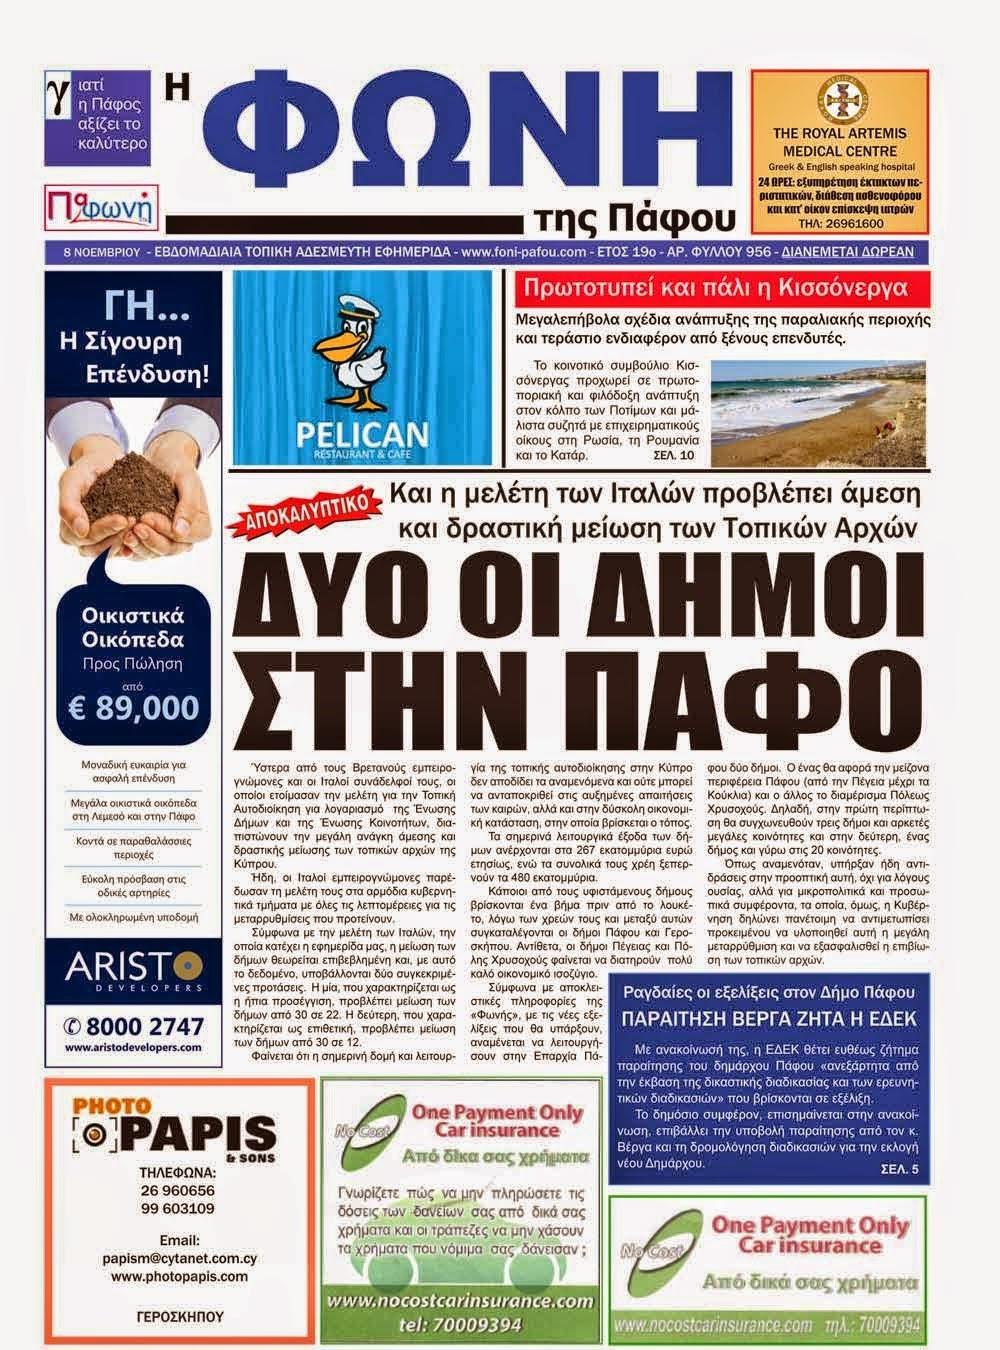 ΕΚΔΟΣΗ 956 - ΗΜΕΡ. 08/11/14